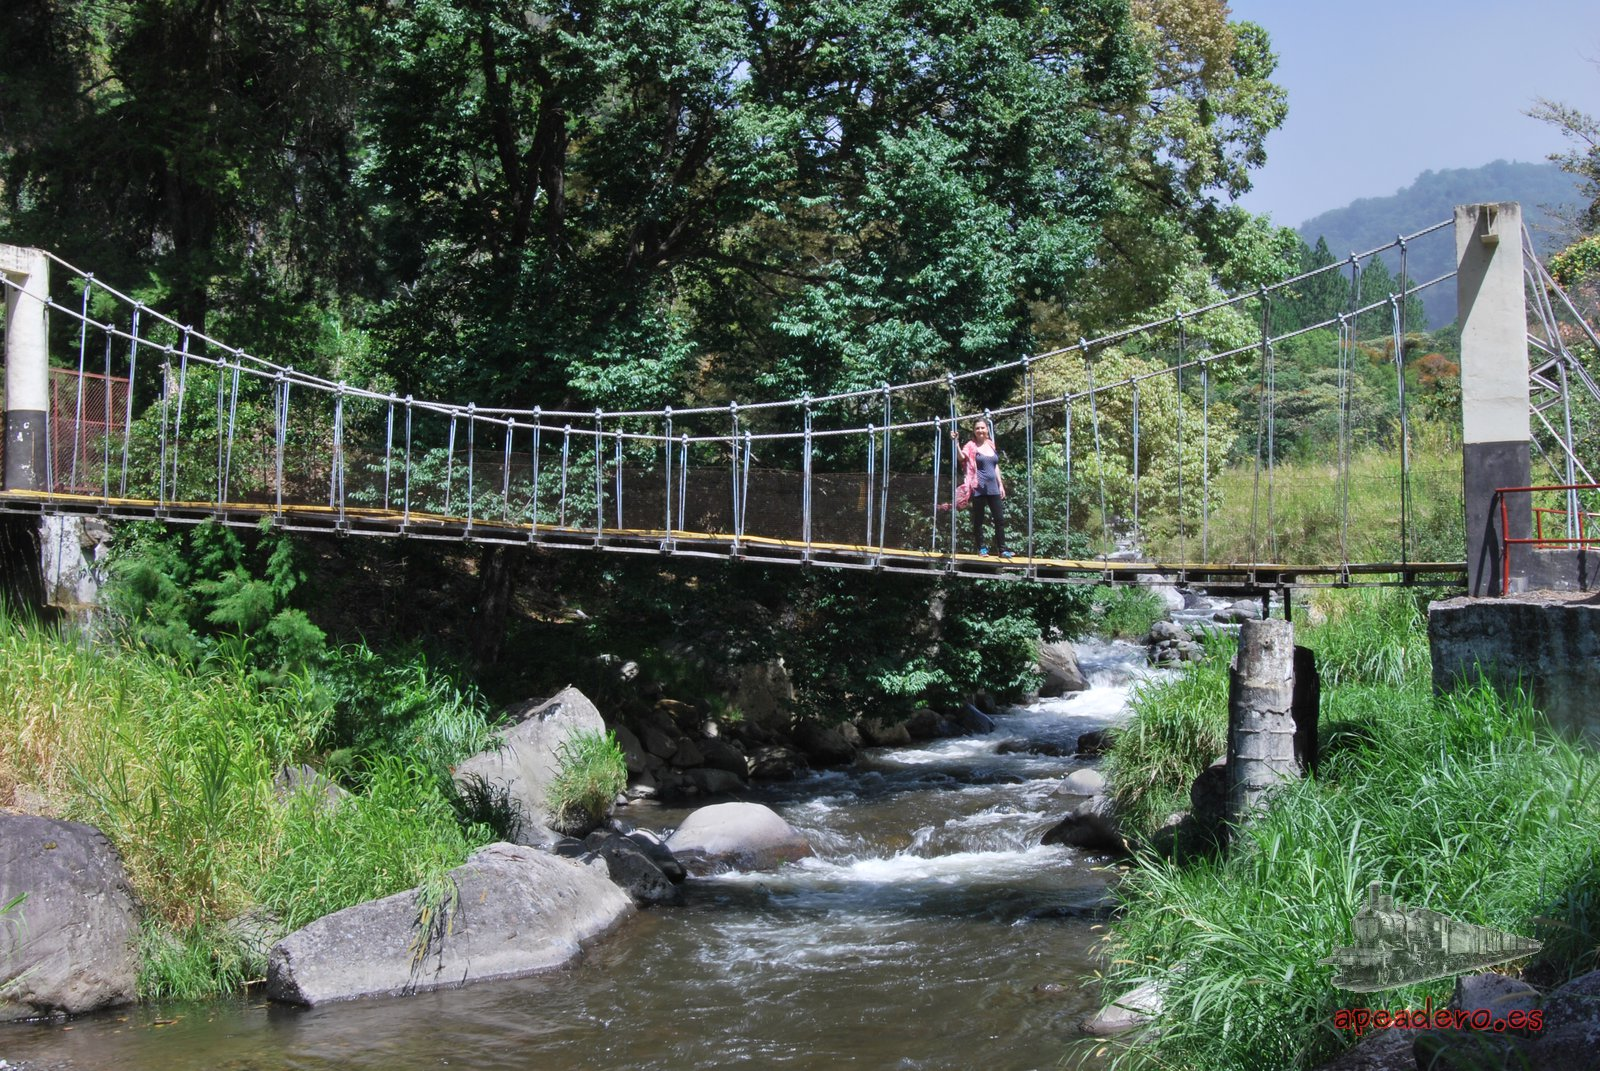 Los caminos y rutas en Boquete son de extraordinaria belleza. Este es un puente de la carretera.